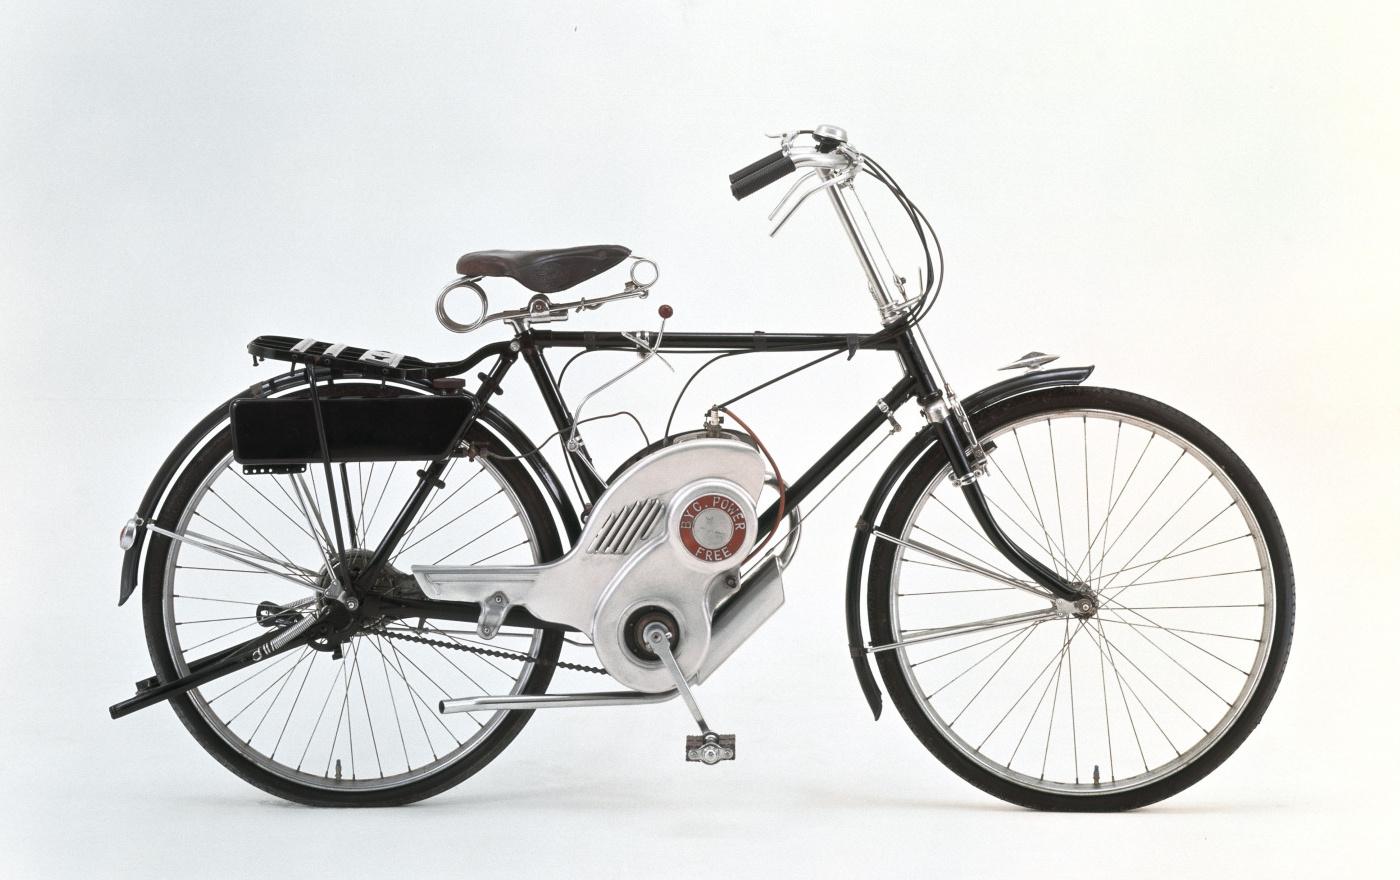 「戦後の危機を救ったのはライバル豊田だった!4輪への思いを秘めながら自転車にエンジン搭載した2輪から再スタート【スズキ100年史・第3回・第1章 その3】」の1枚目の画像